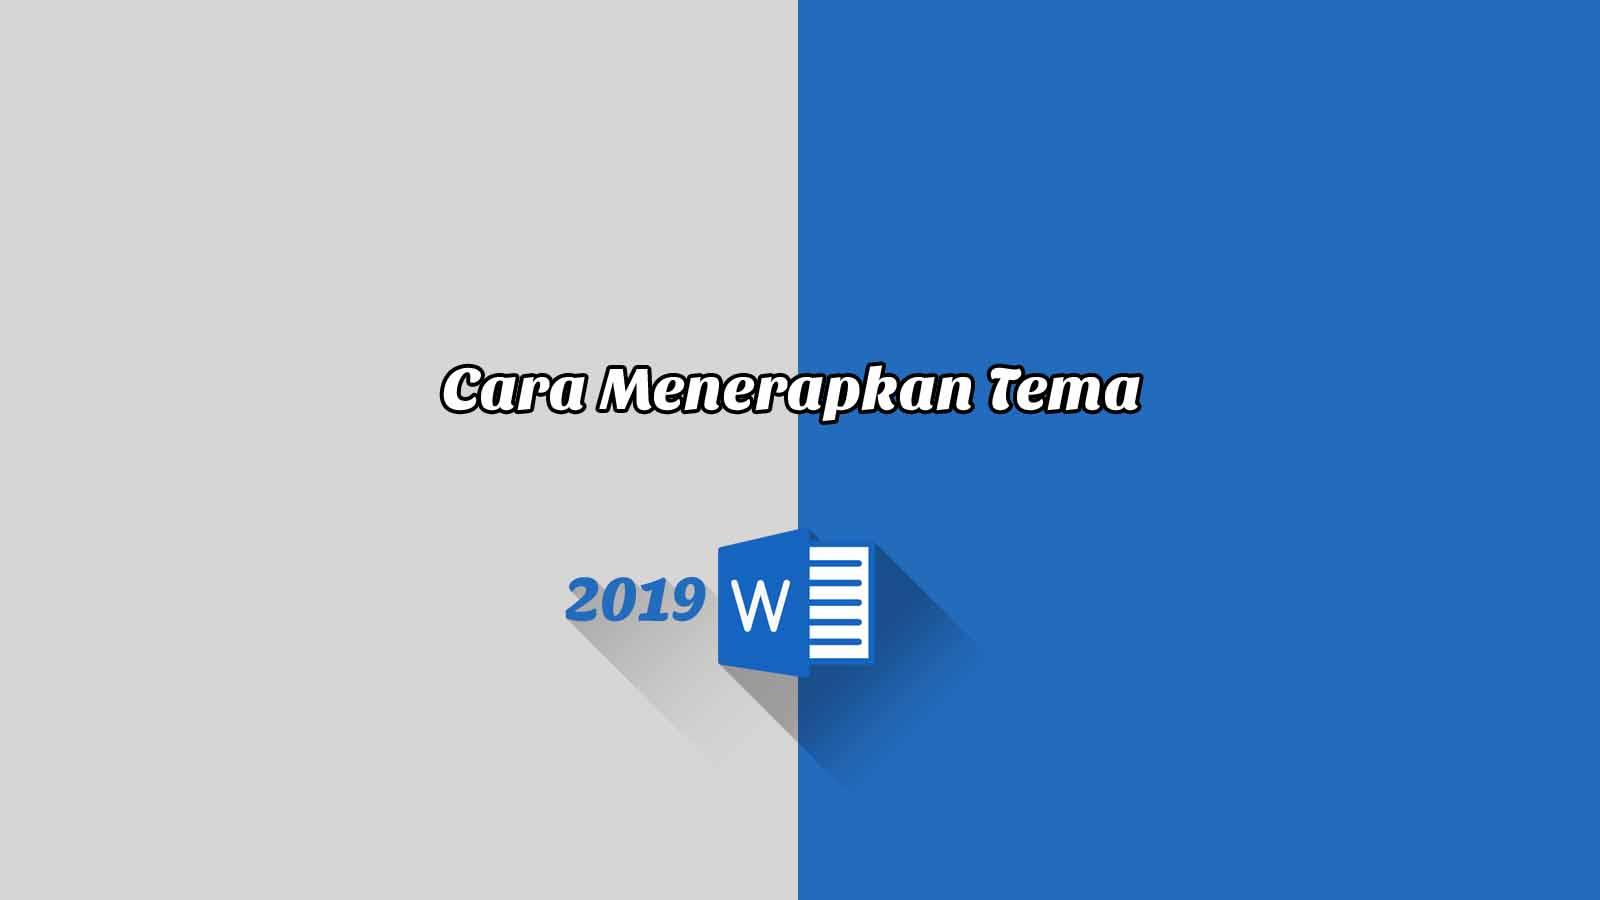 Cara Menerapkan Tema - Word 2019